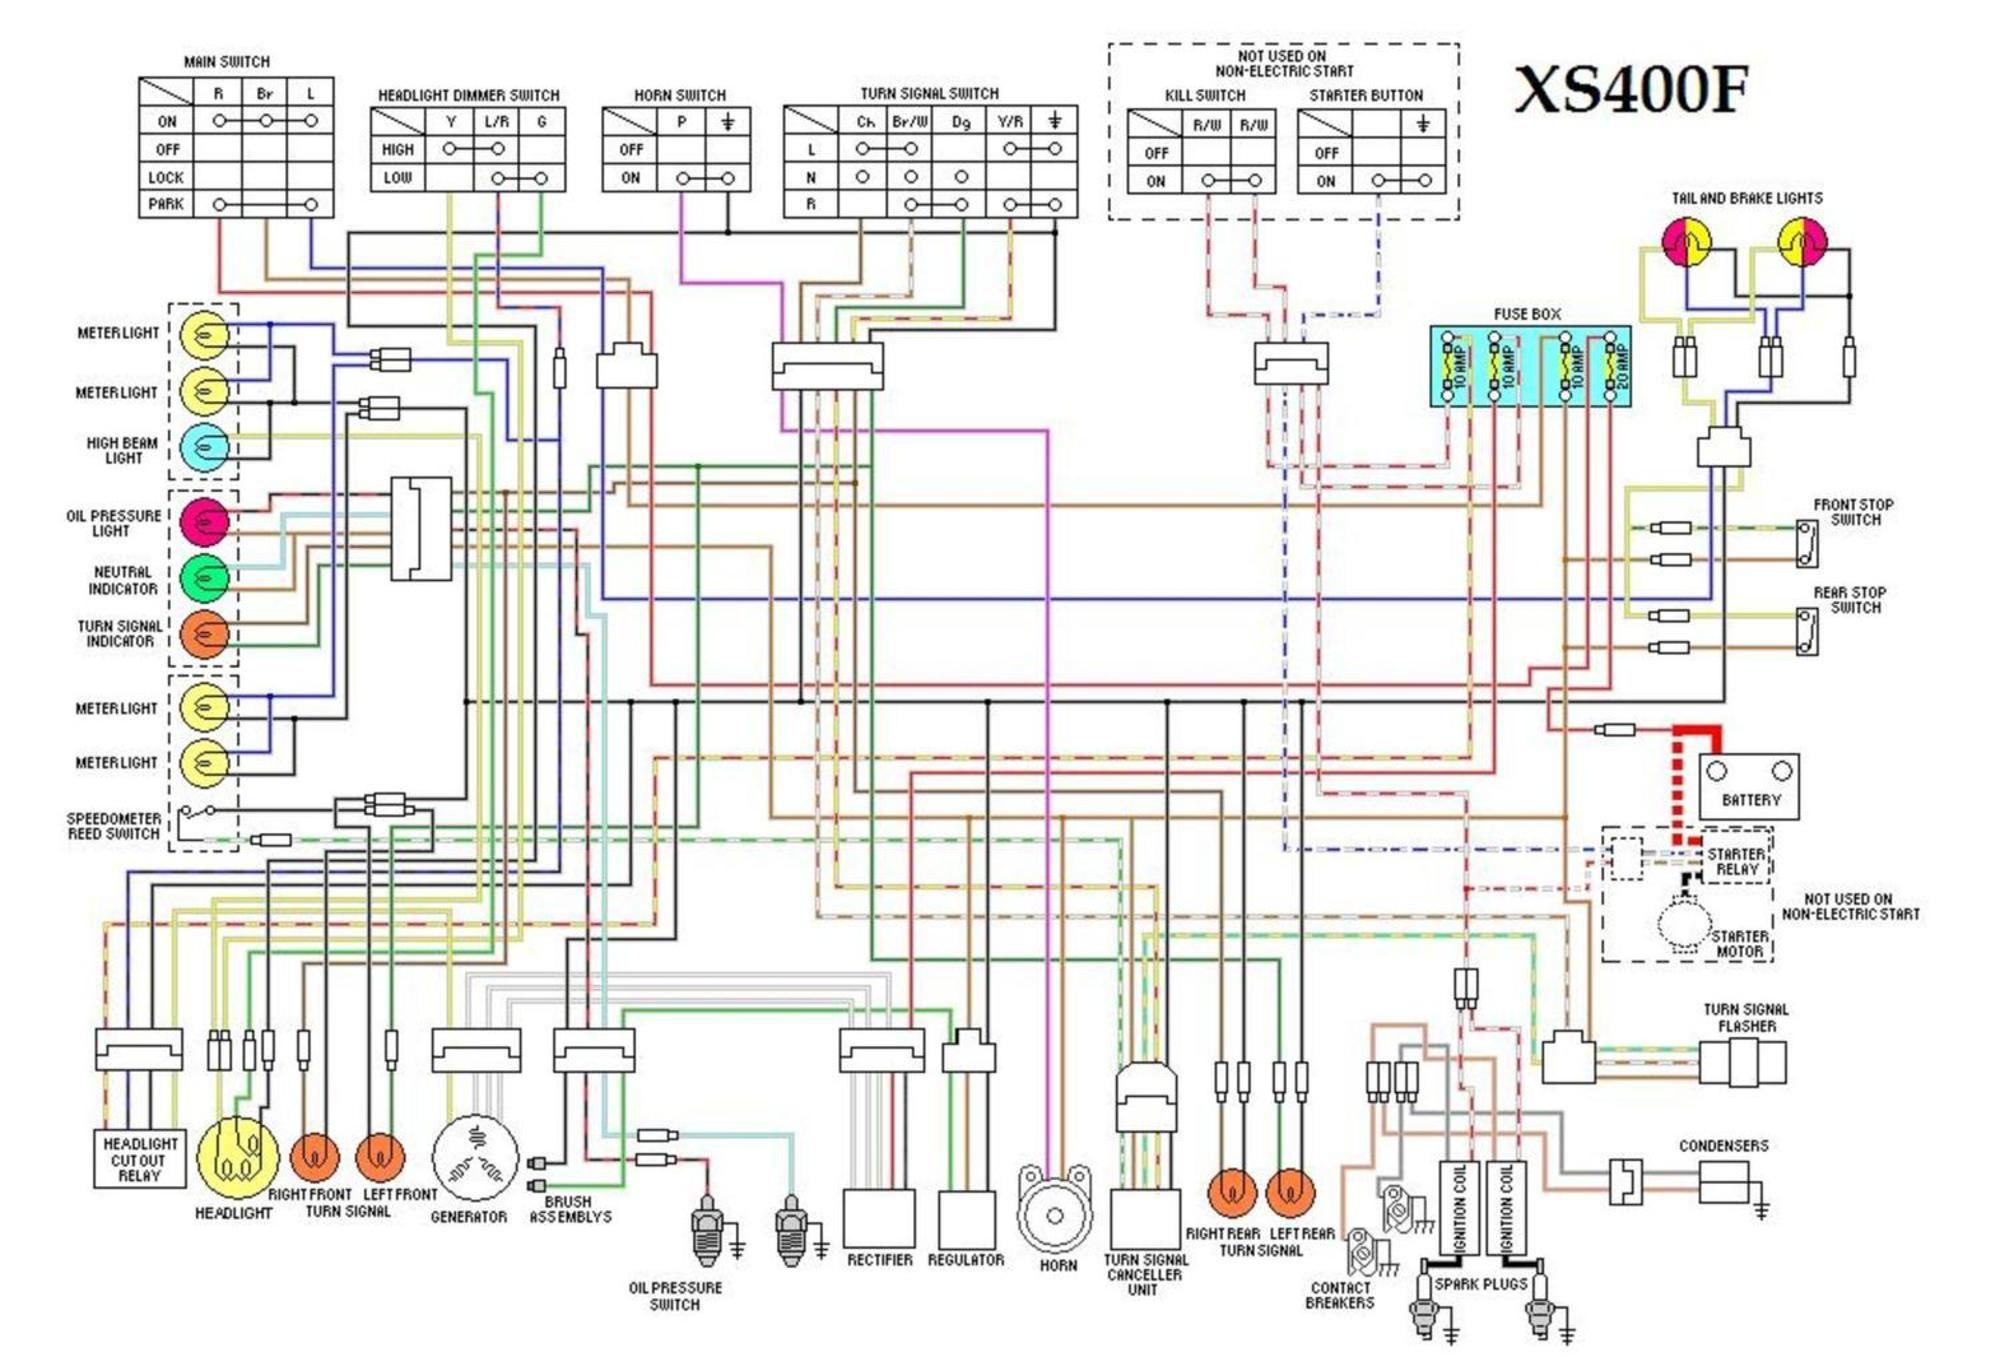 xs400f    wiring       diagram       diagram     motorcycle    wiring     xs400f    wiring       diagram       diagram     motorcycle    wiring